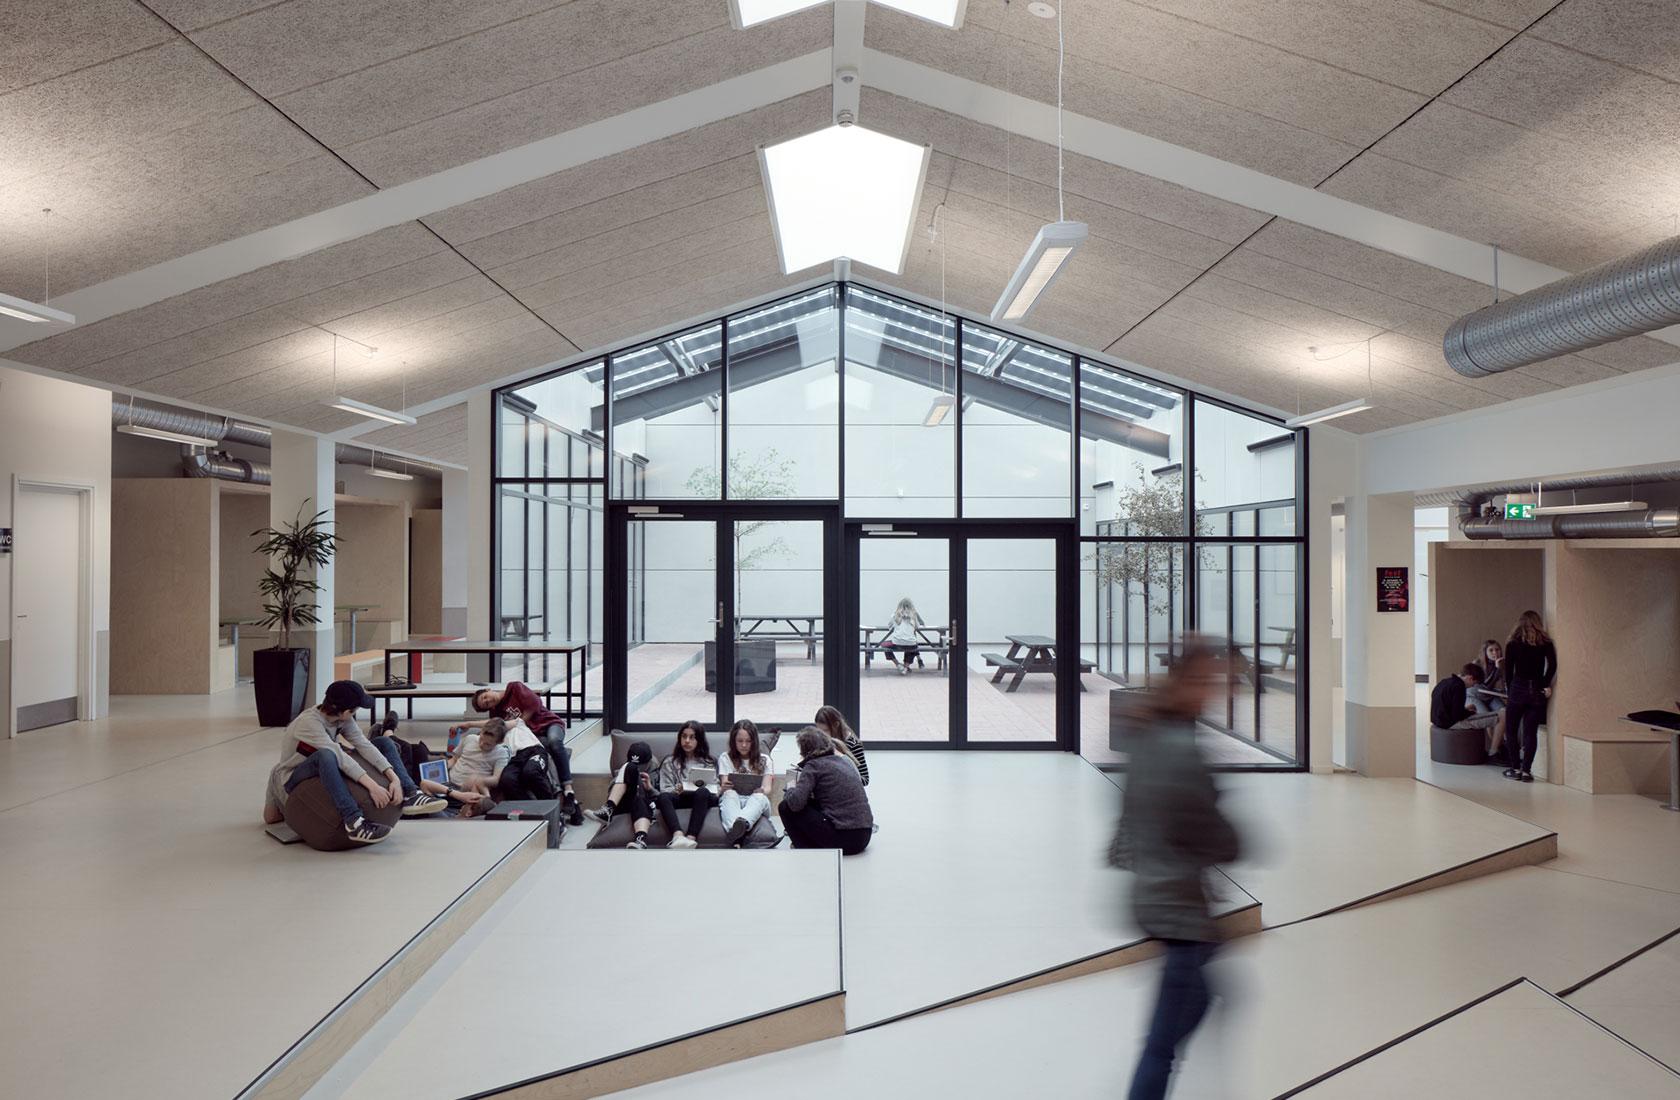 Fællesareal i Solvangskolen